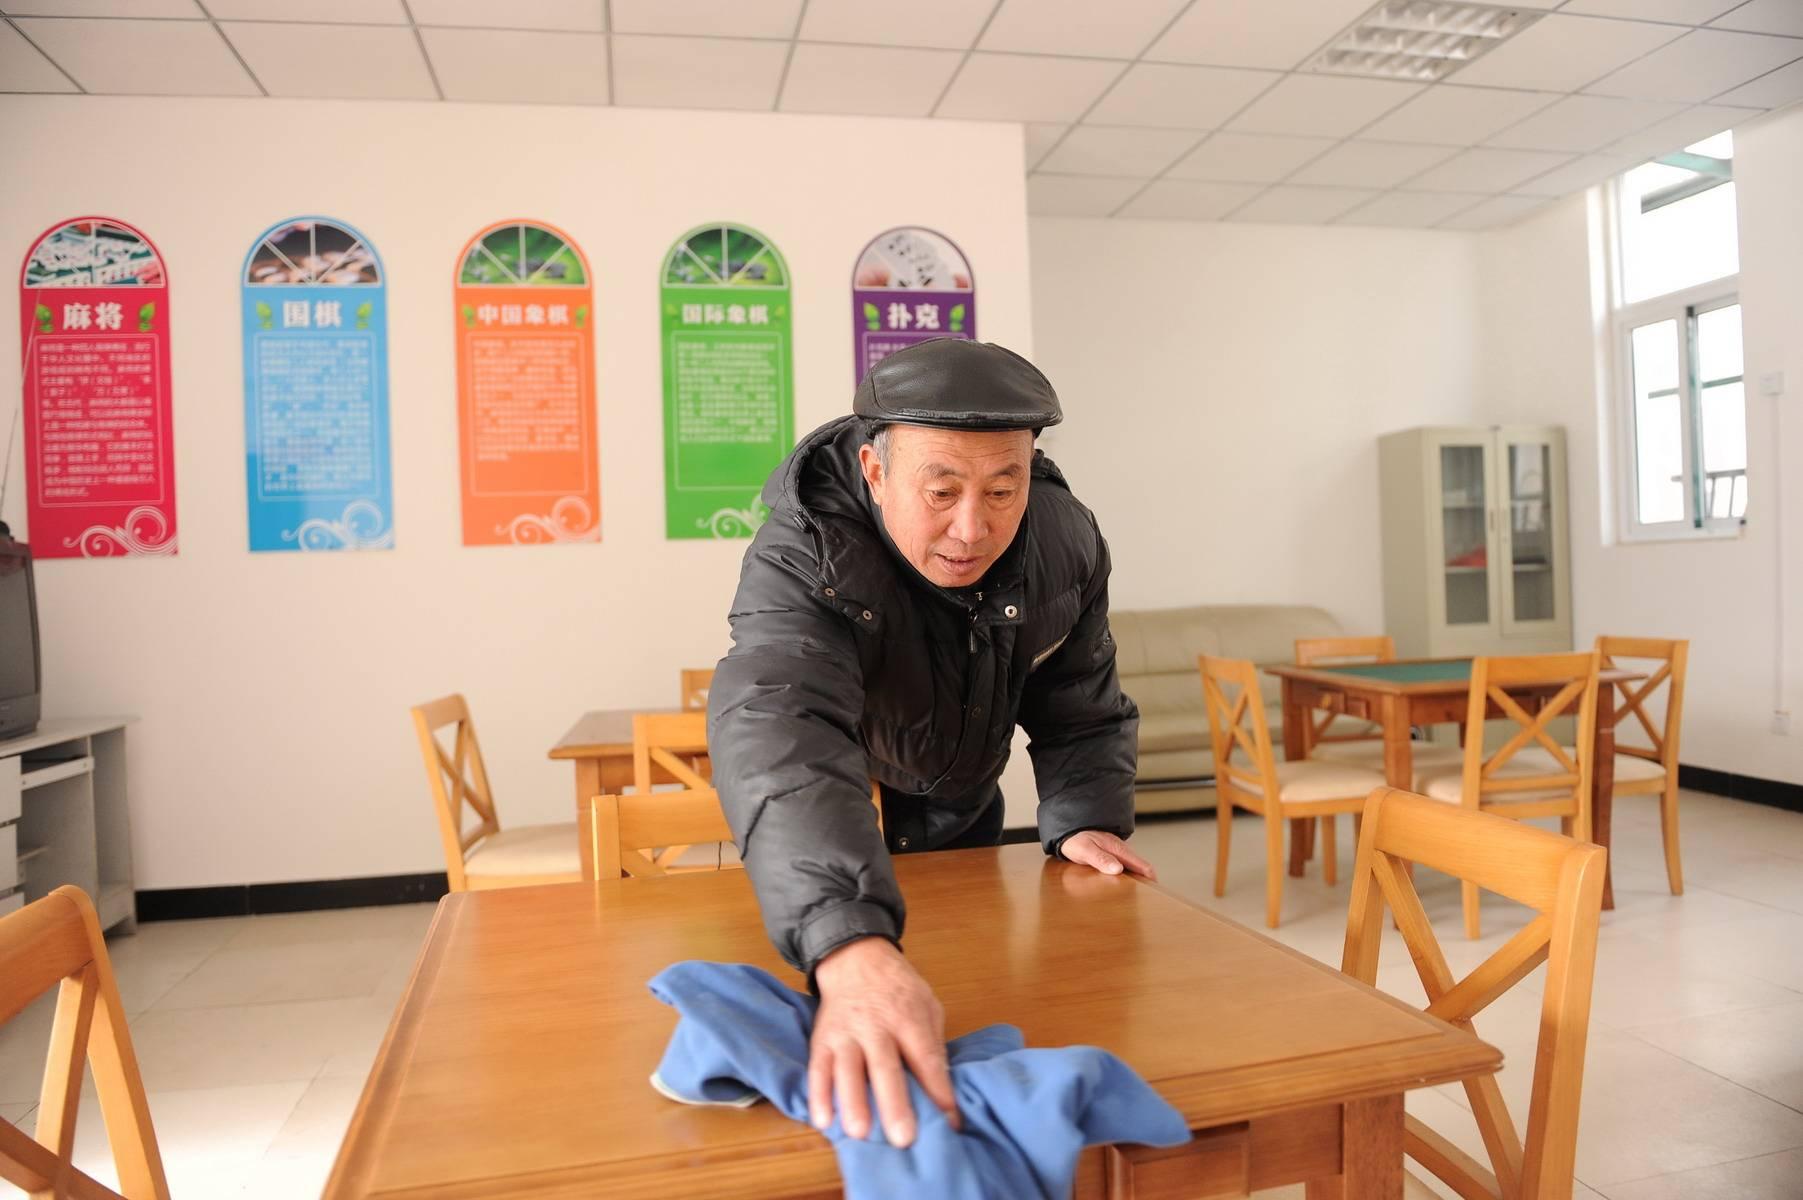 幼儿园大班扫地擦桌子图片